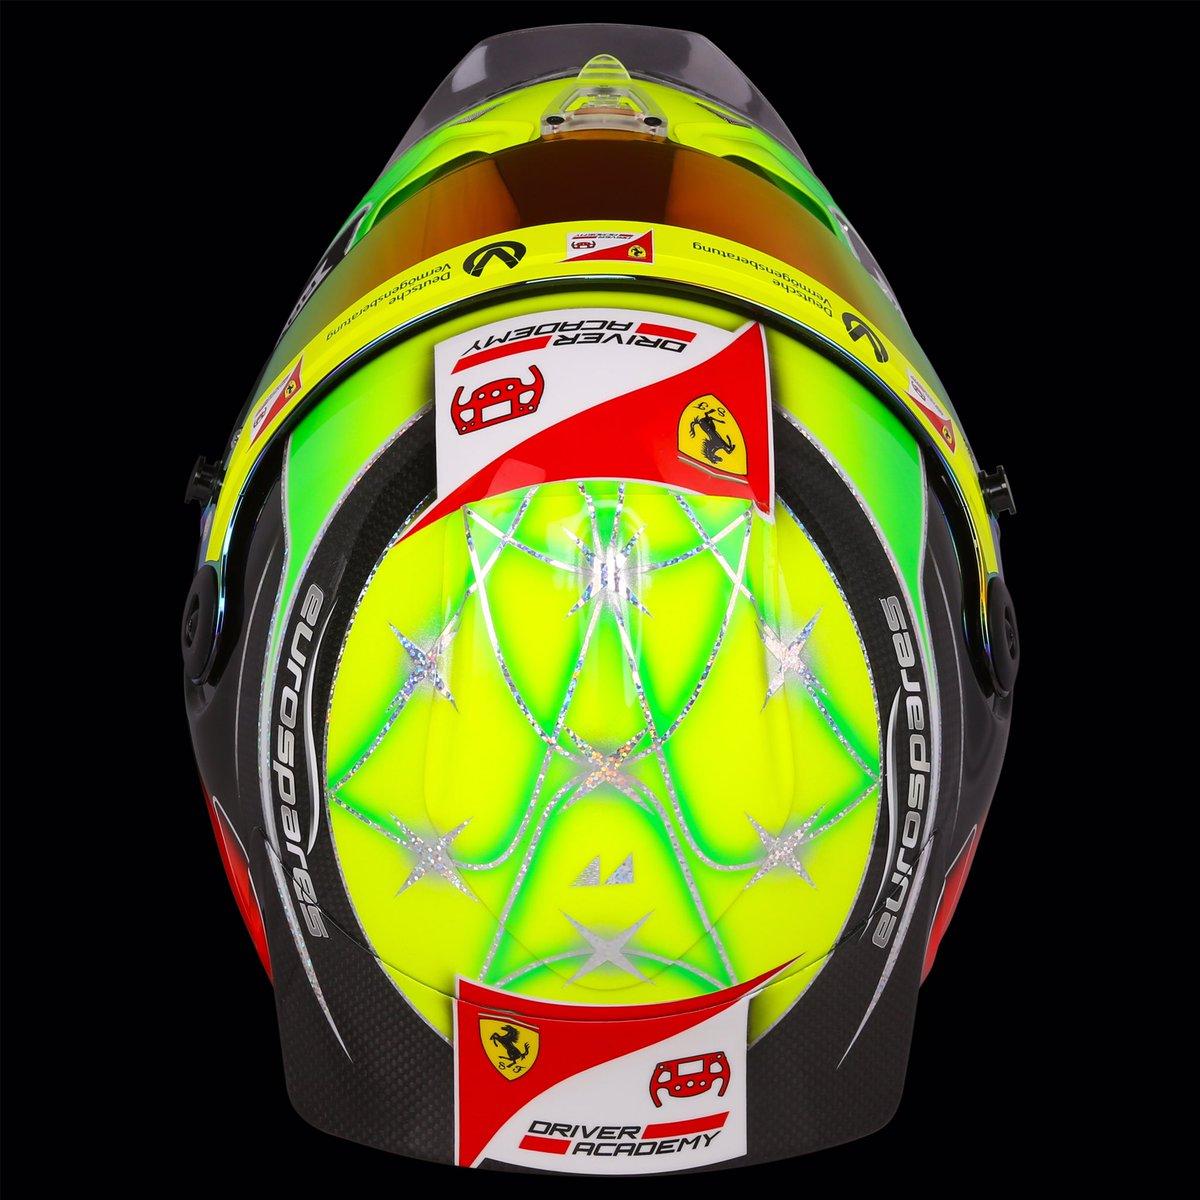 In Pictures Mick Schumacher S Helmet For 2019